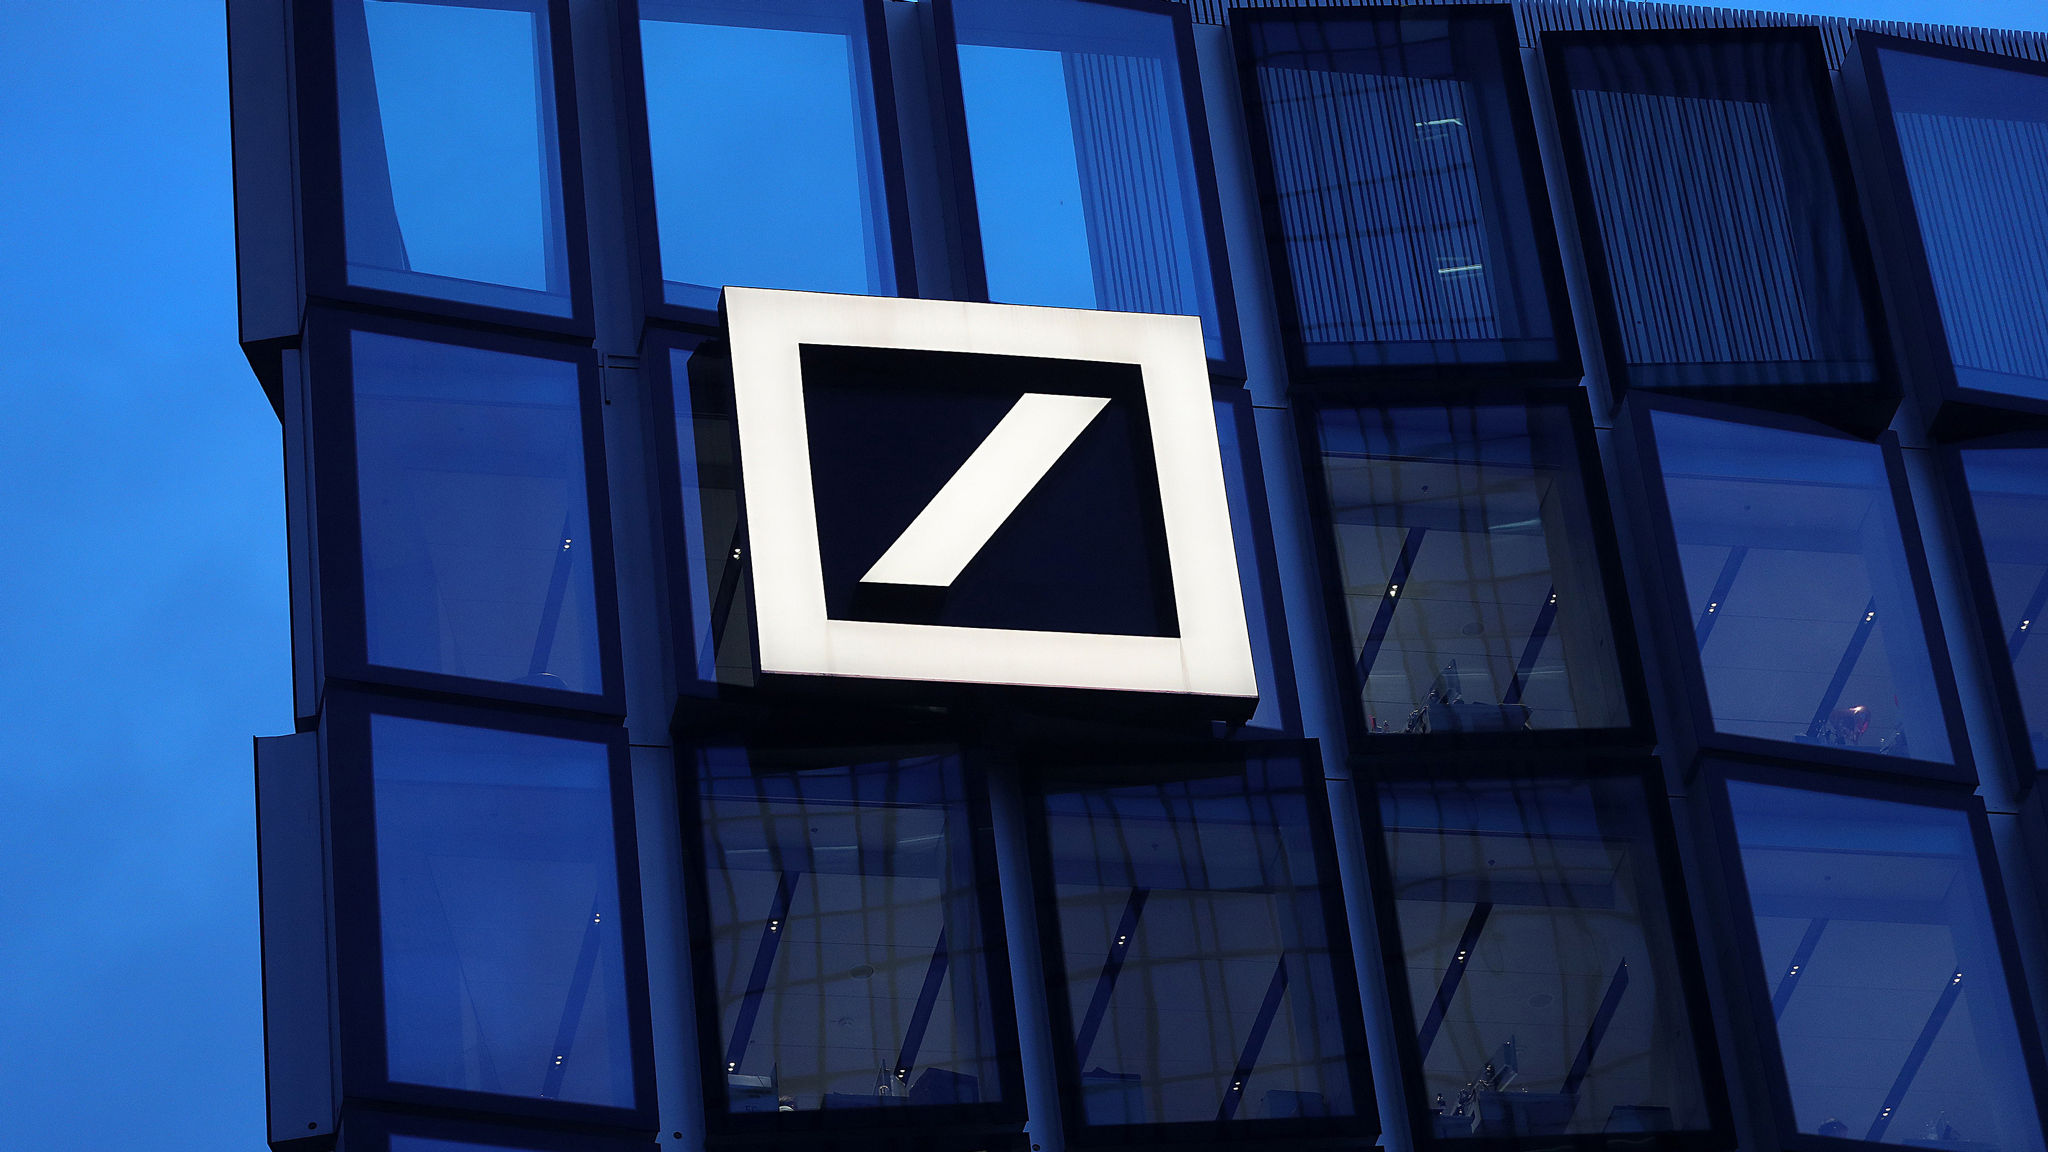 Deutsche Bank slumps to largest quarterly loss since 2015